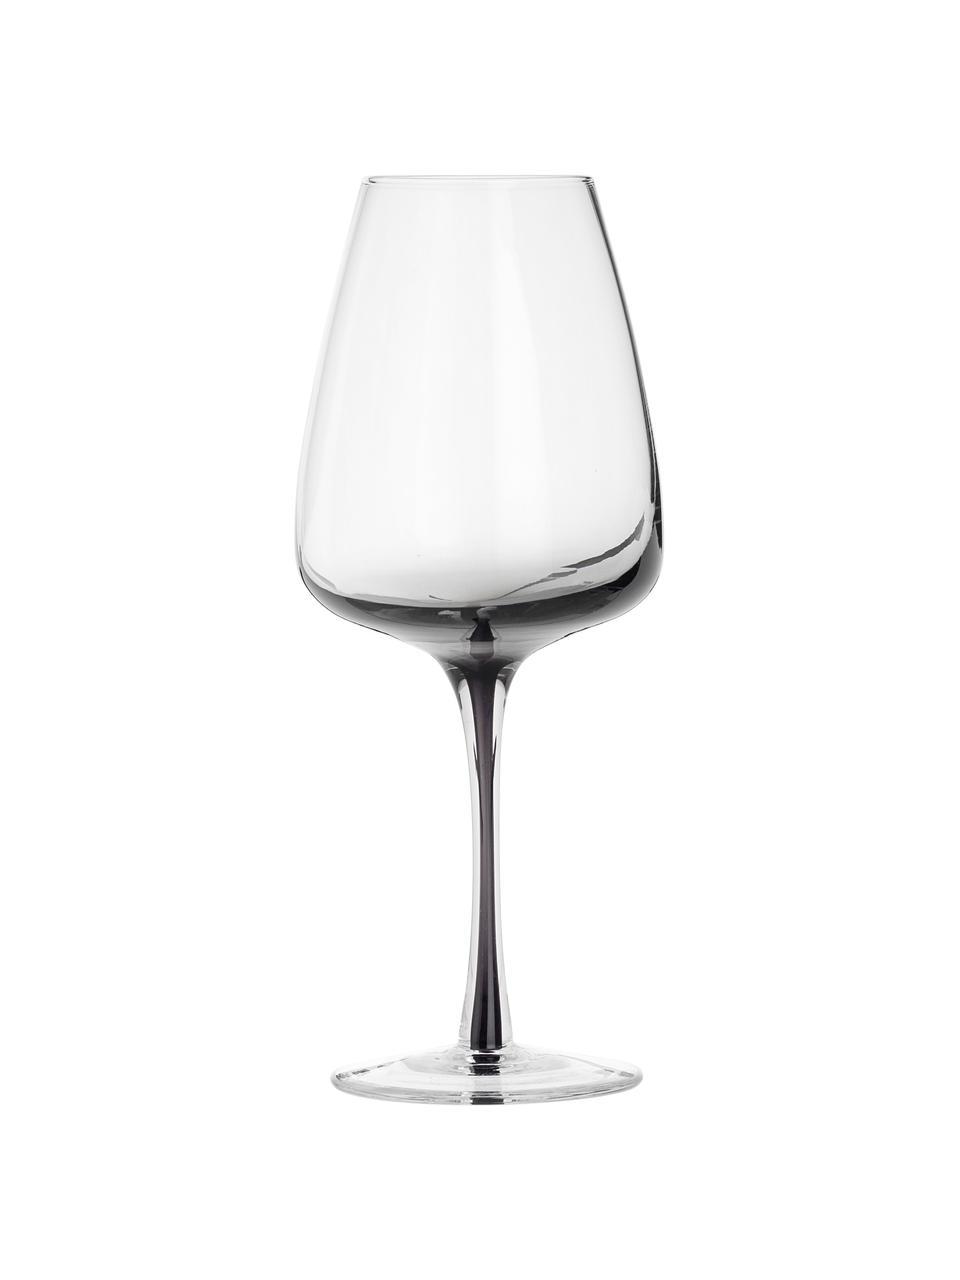 Bicchiere vino in vetro soffiato con sfumatura Smoke 4 pz, Vetro soffiato e pareti spesse, Grigio fumo, Ø 9 x Alt. 21 cm